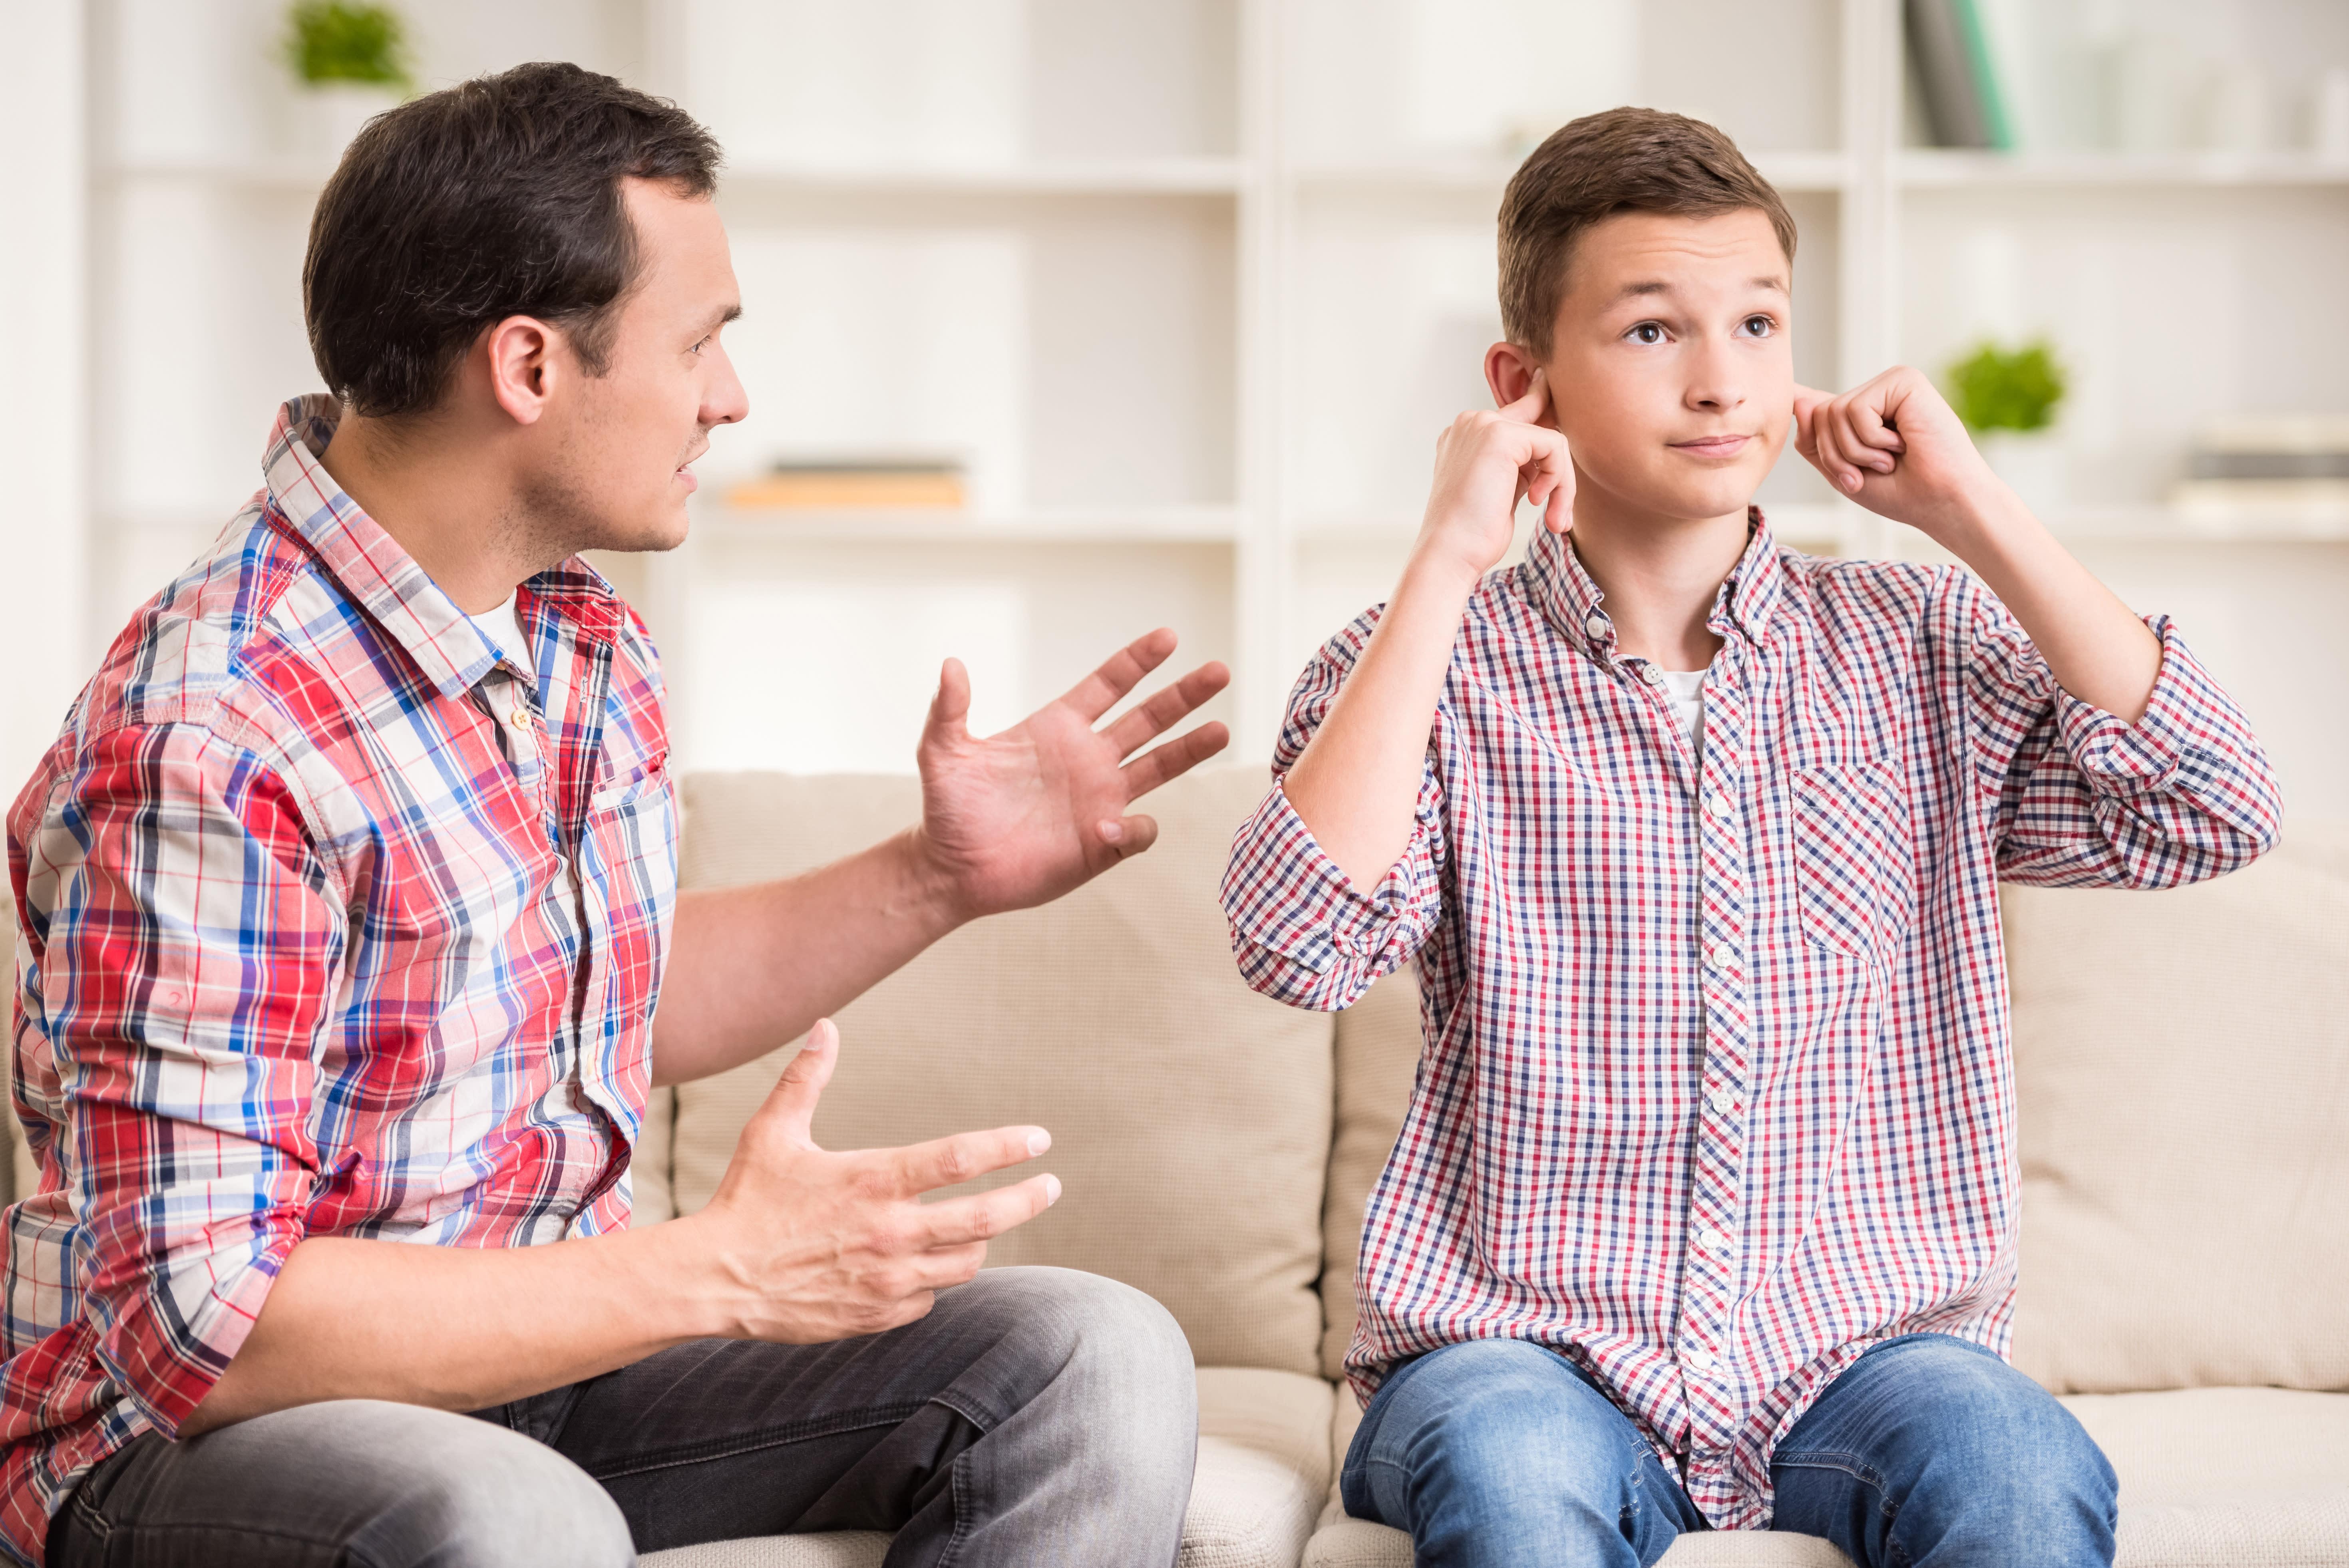 Primera relación sexual y adolescentes: 5 consejos para tener 'la charla' con tu hijo